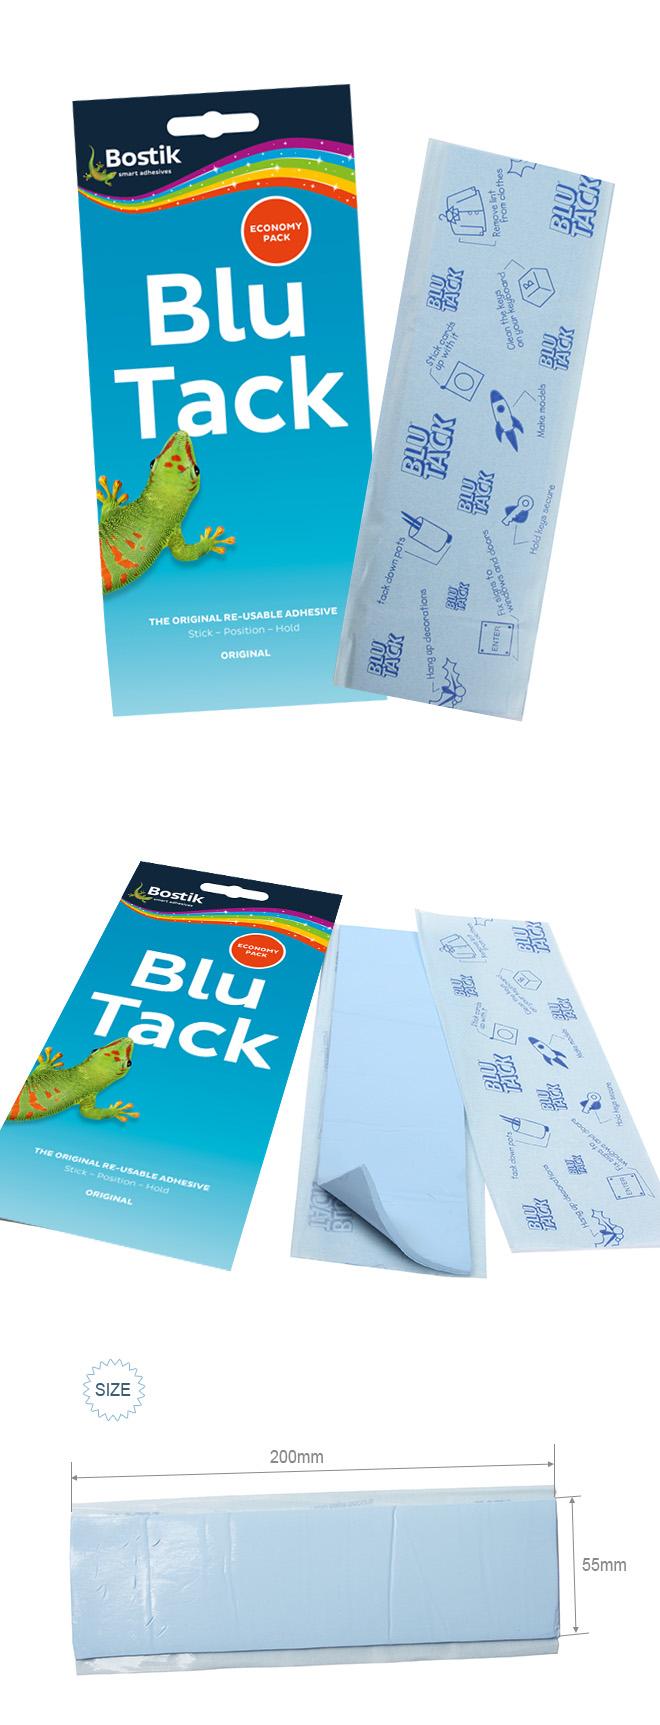 블루택 블루 90g 5개 - 블루텍, 33,700원, 아이디어 상품, 아이디어 상품